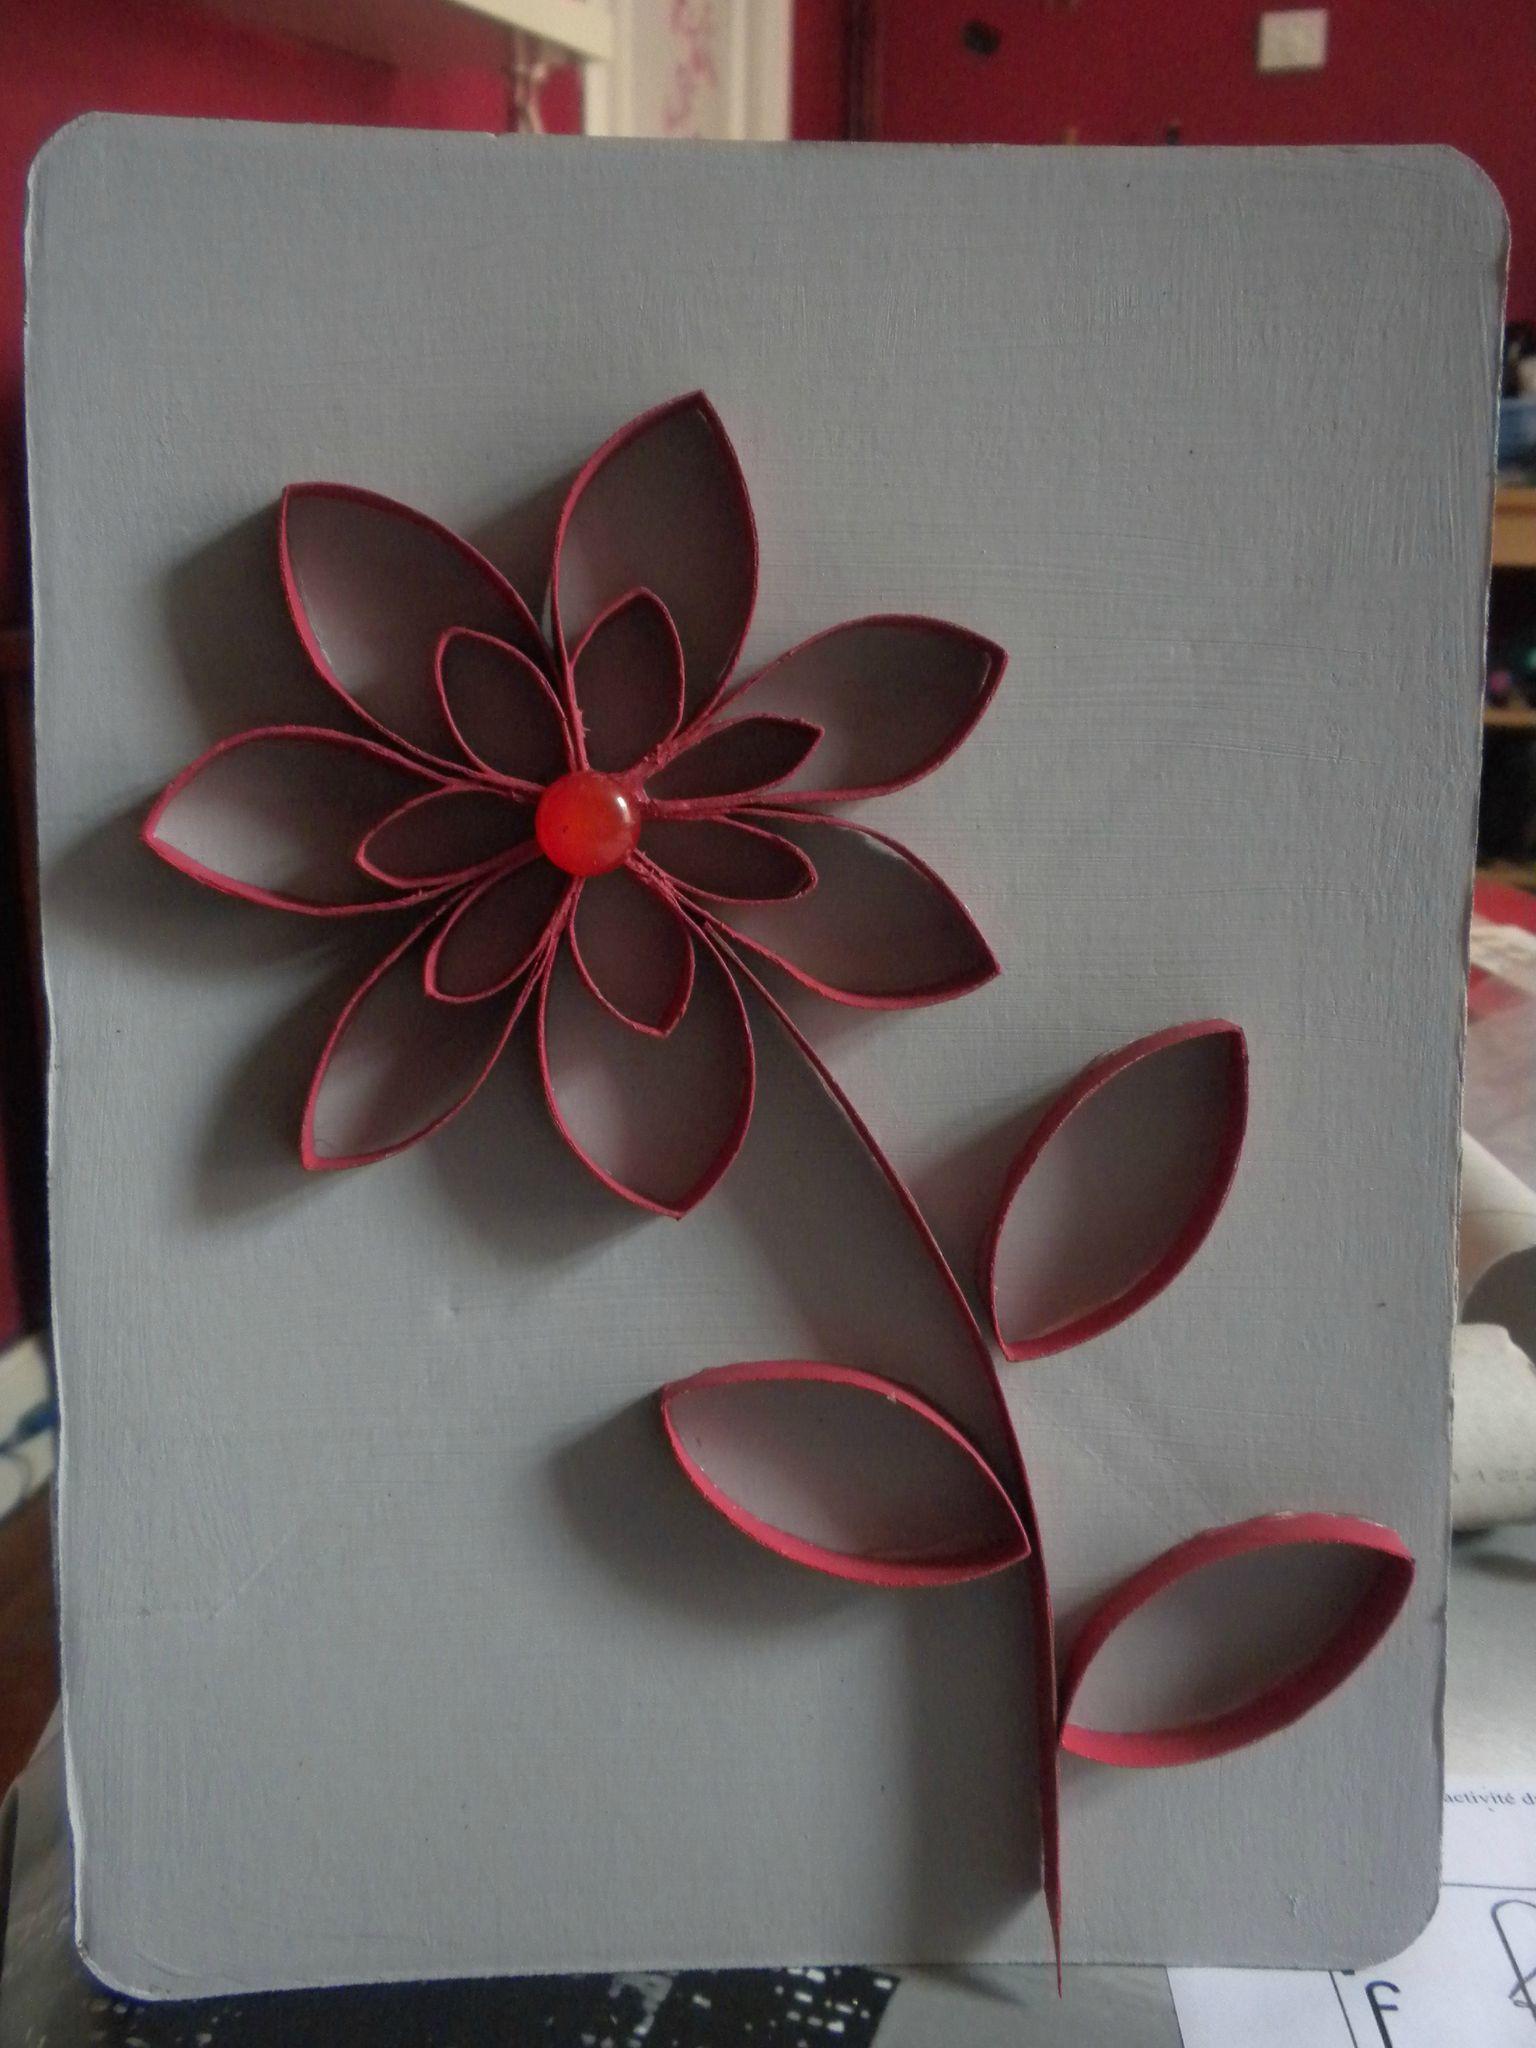 Decoration Fleur En Rouleaux Papier Toilette Ou Autres Vides Mymy